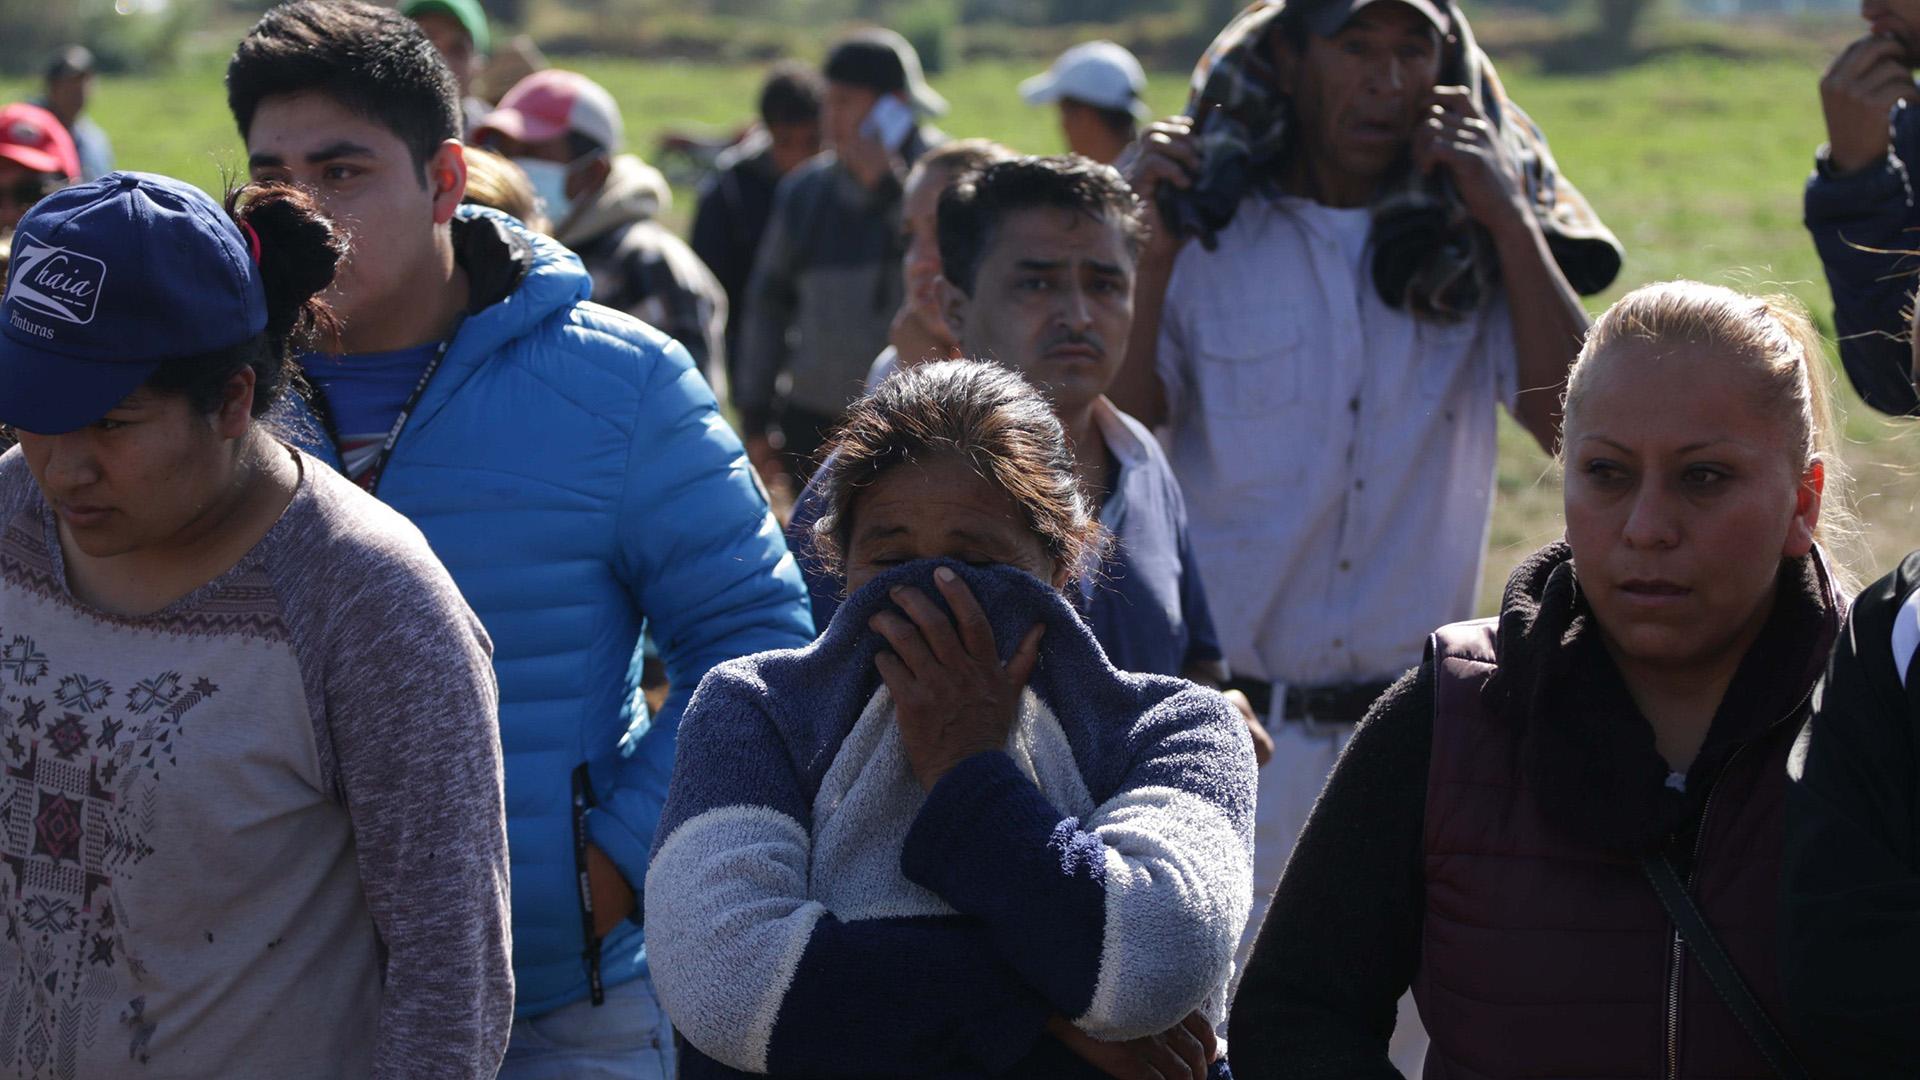 Luego de la tragedia en Hidalgo, López Obador anunció su visita a municipios que incurren en el robo de gasolina (Foto: EFE)